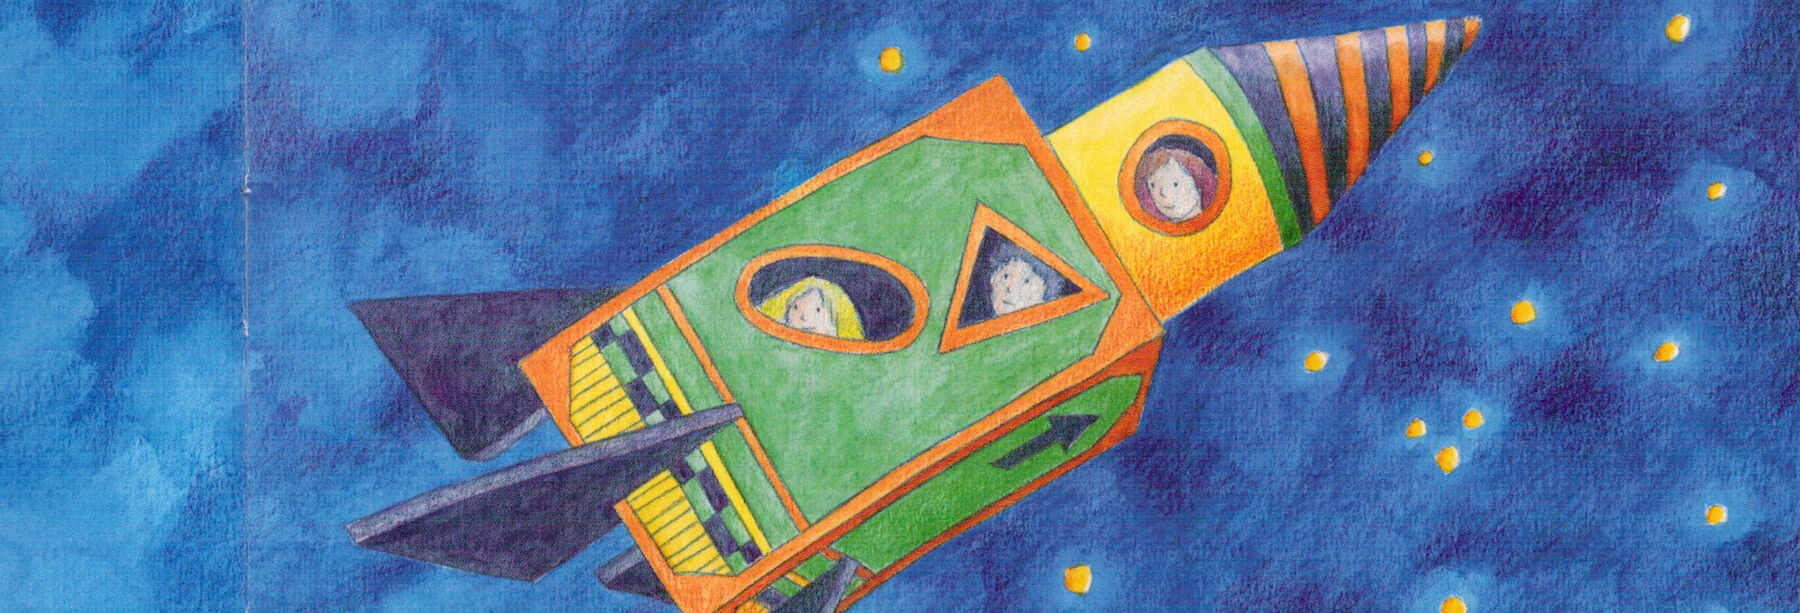 Zeichnung von drei Kindern in einer Rakete